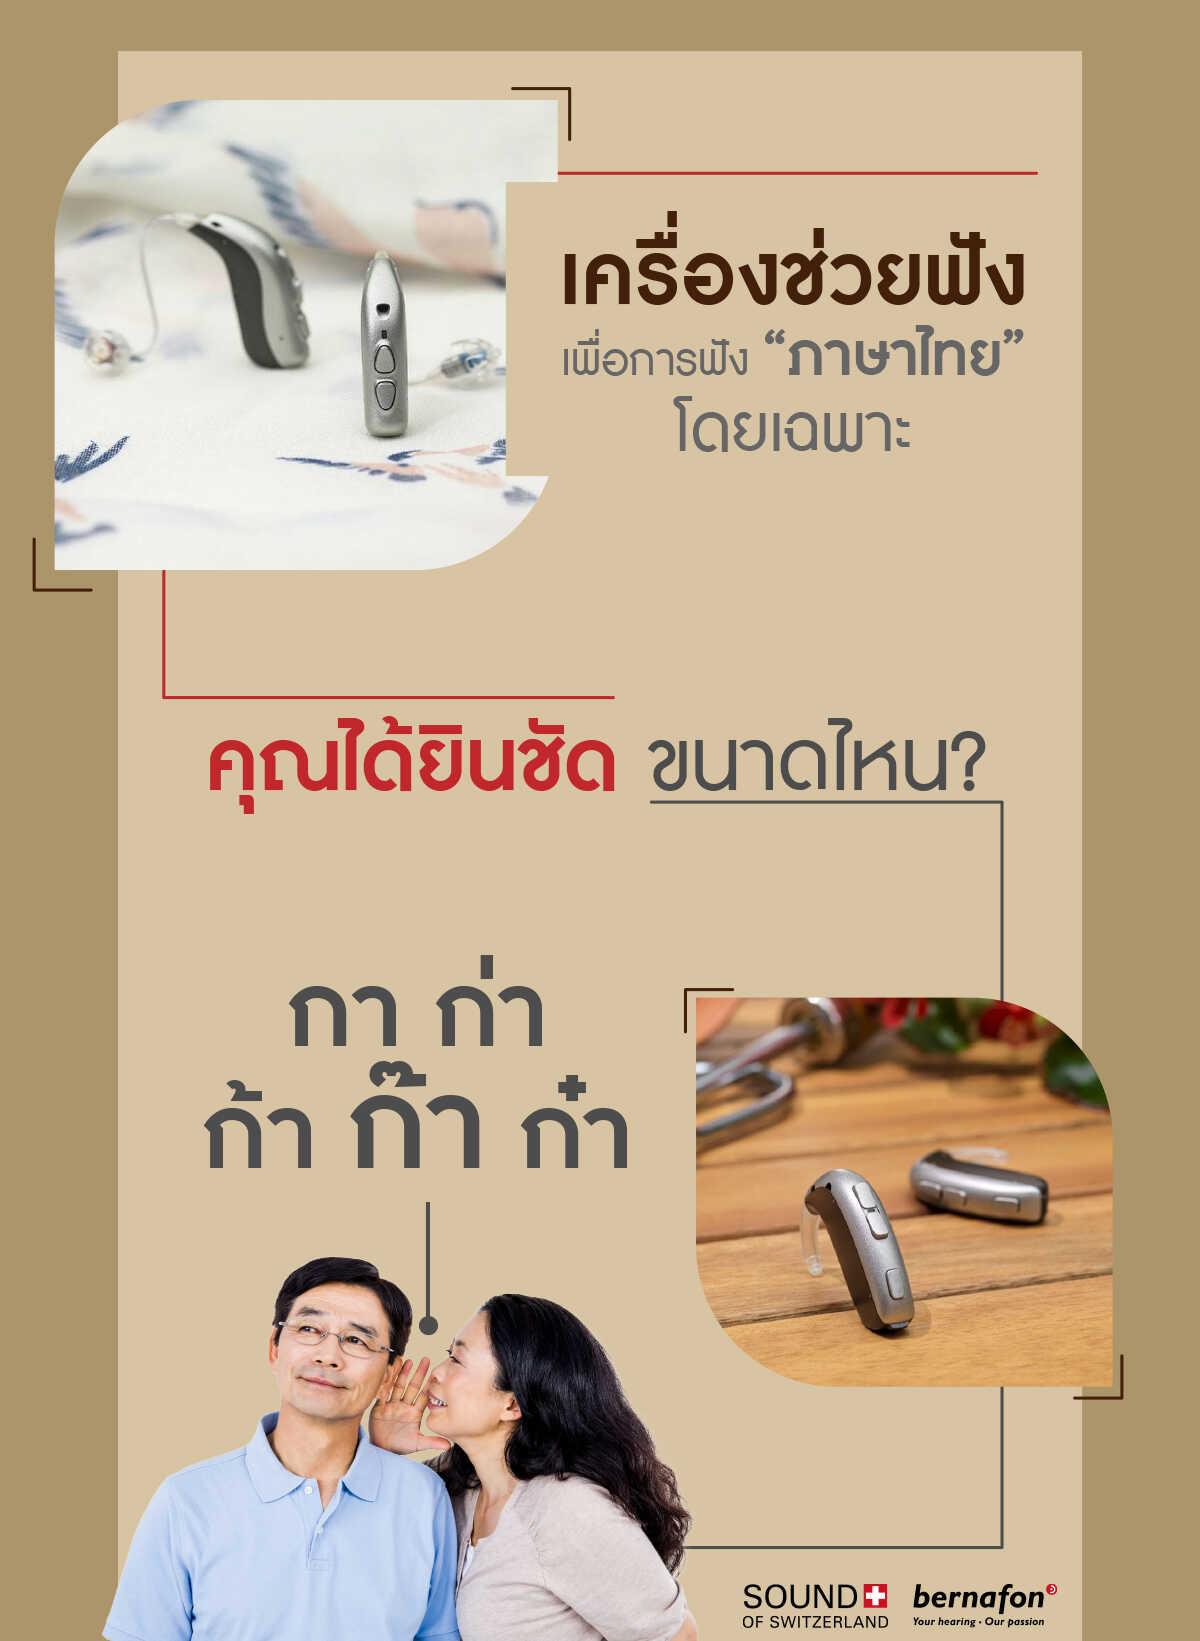 เครื่องช่วยฟัง ภาษาไทย